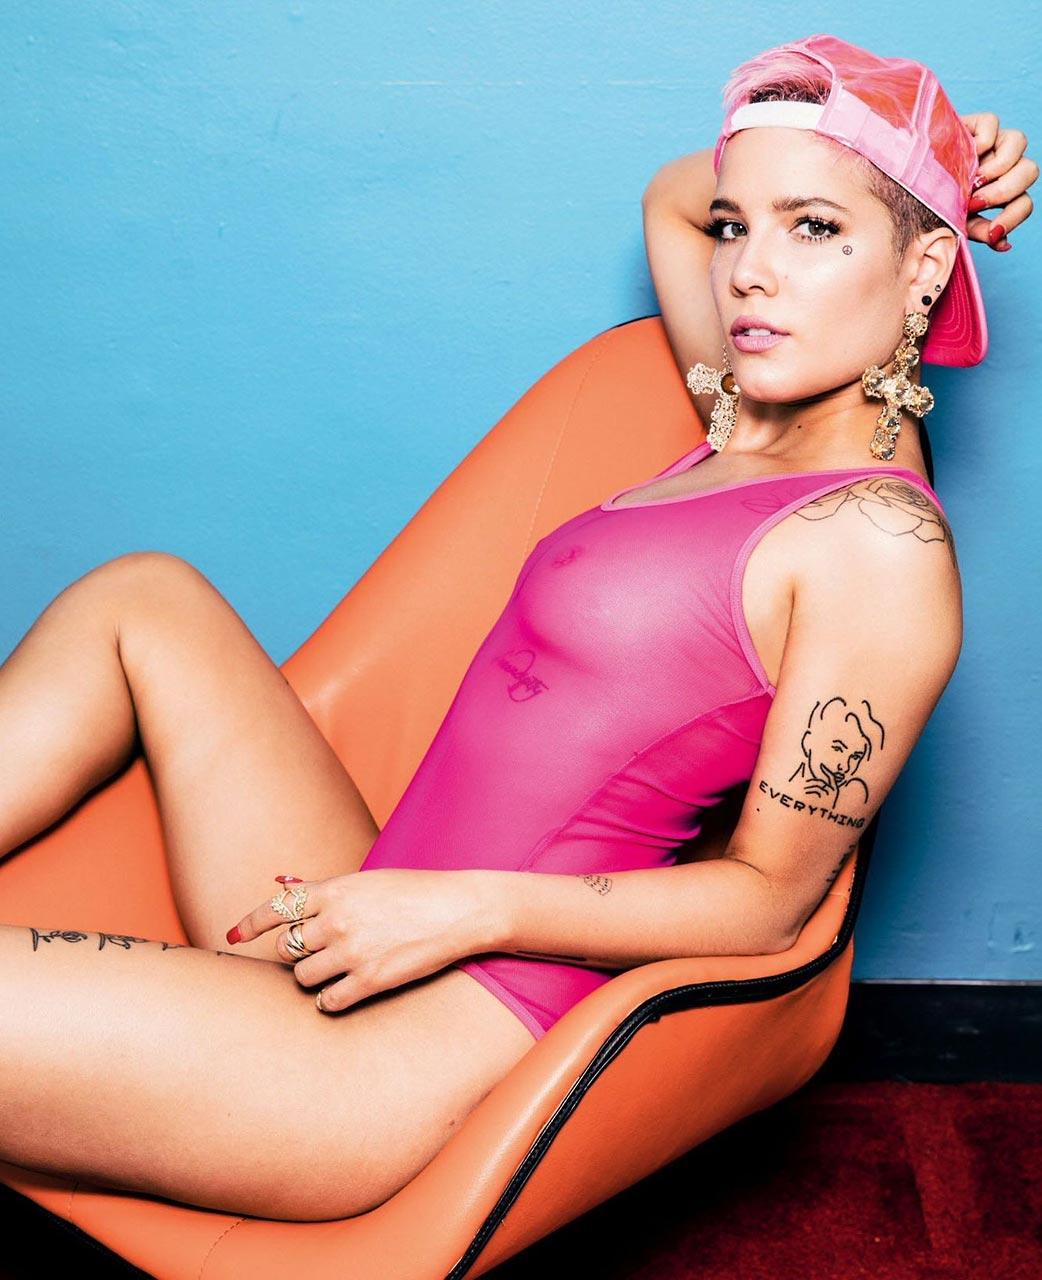 Halsey, amerikai énekesnő szexi fotói